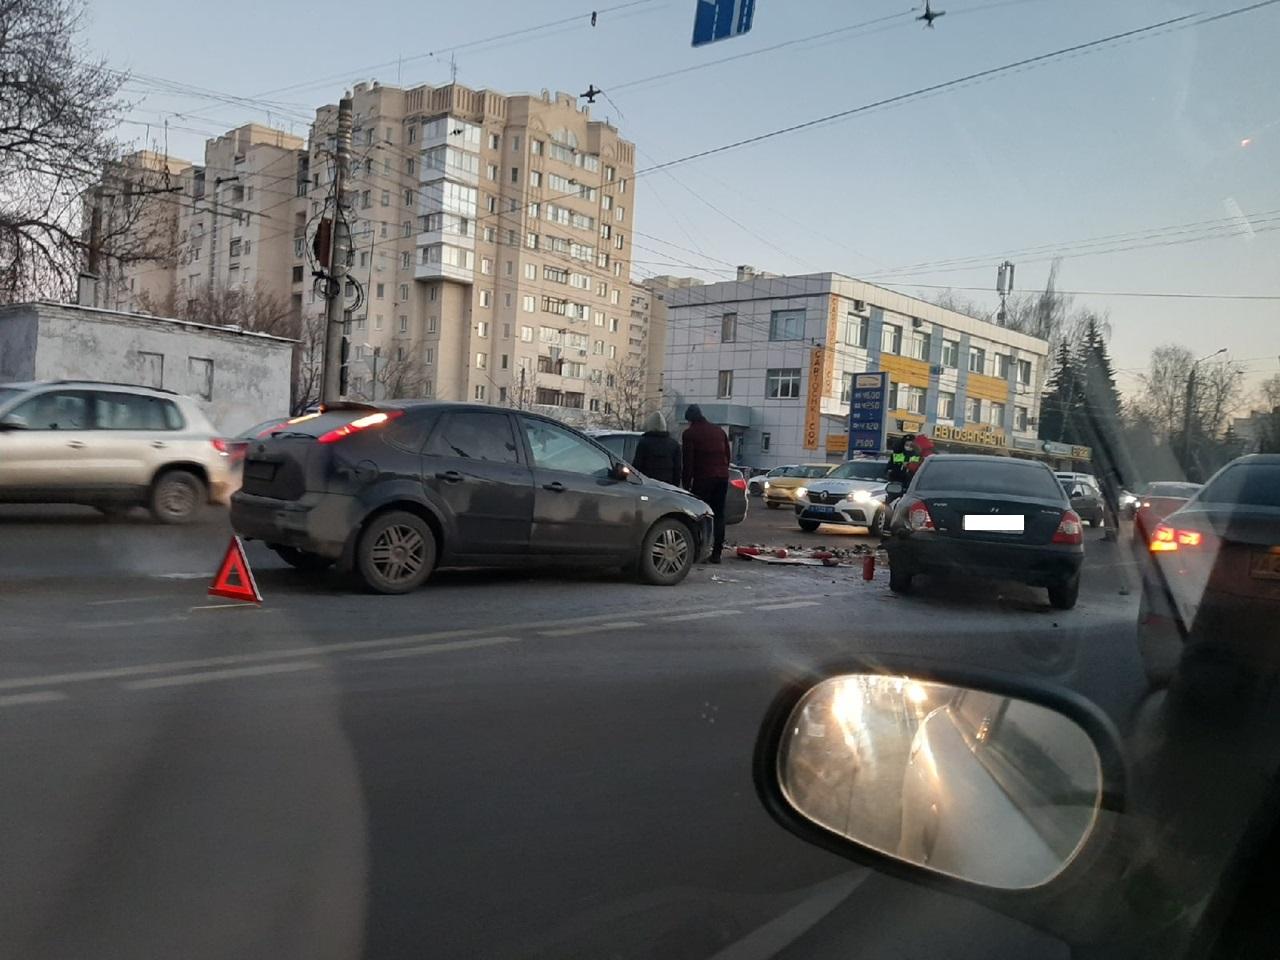 Утром в Твери столкнулись сразу 5 машин